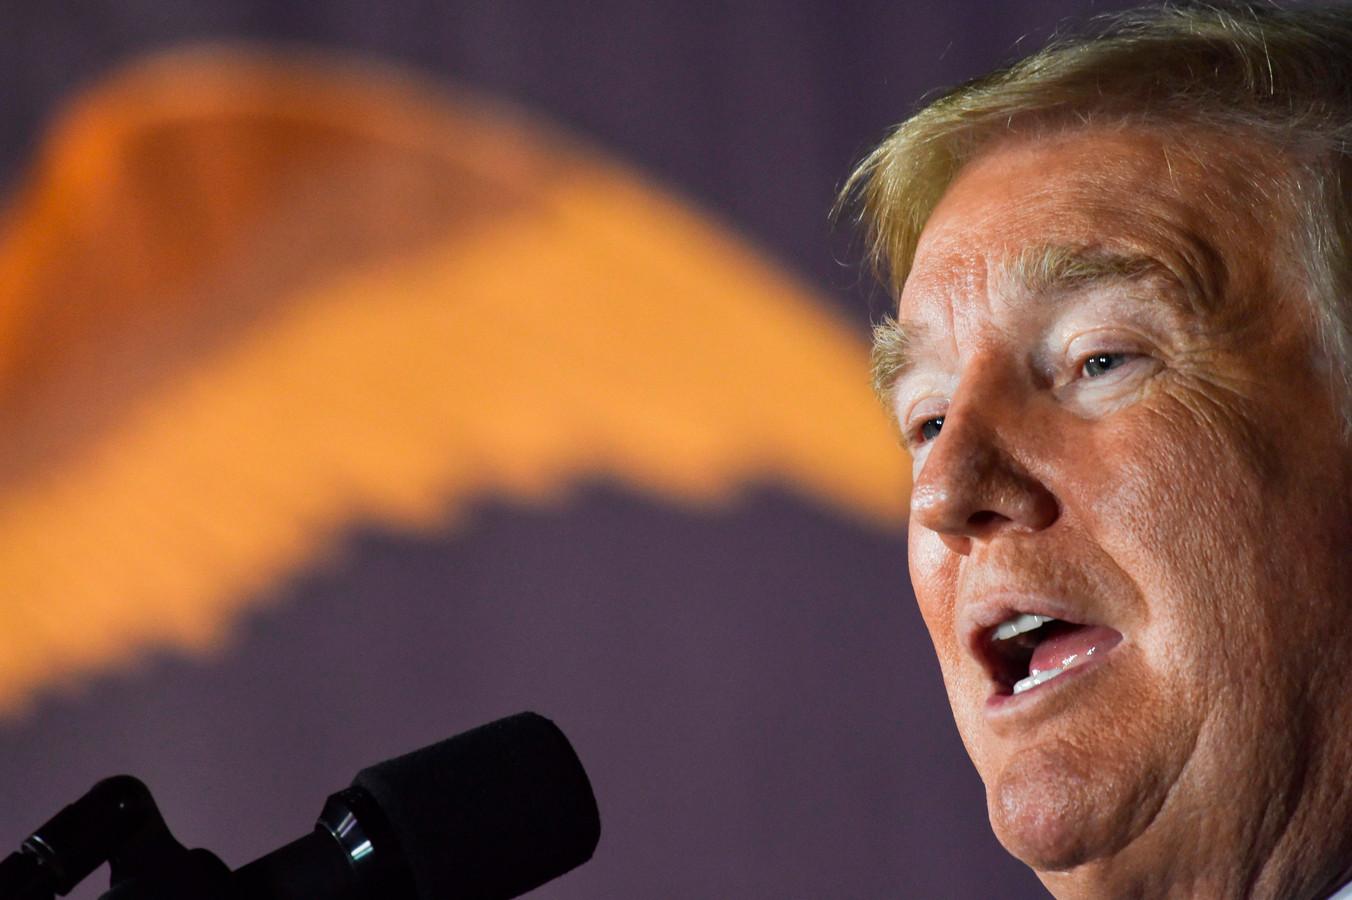 De Amerikaanse president Donald Trump heeft 25 miljoen dollar aan hulp voor Palestijnse ziekenhuizen in Oost-Jeruzalem ingetrokken.